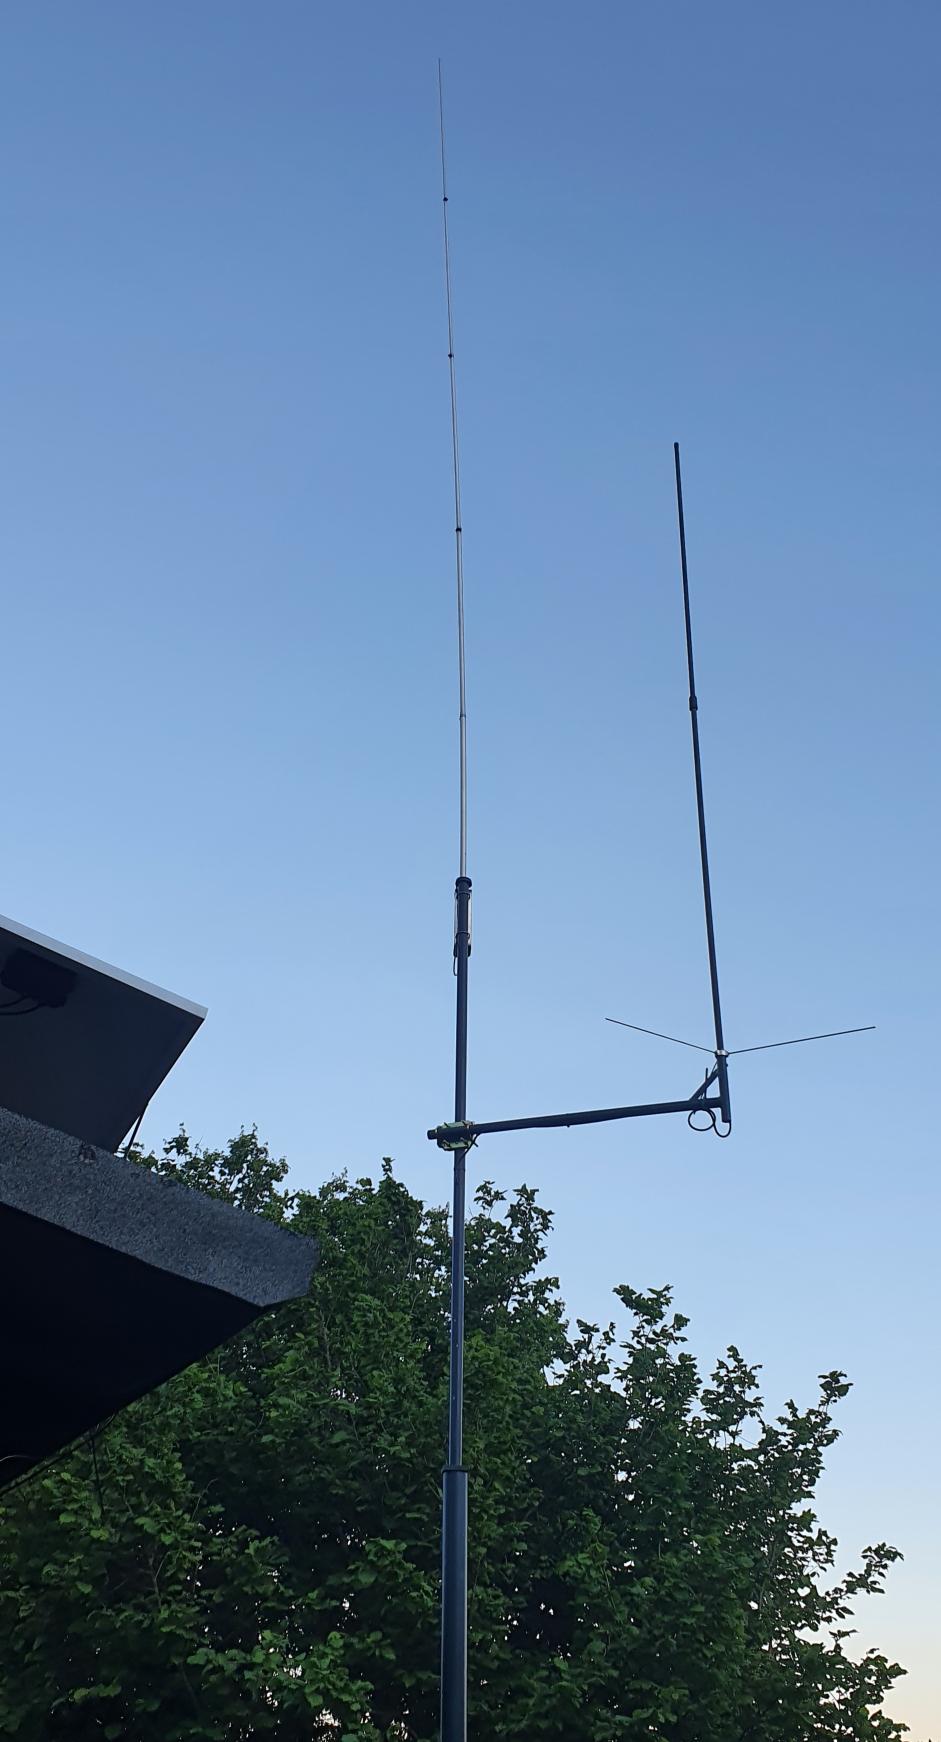 Cb  Antenne links, Pmr Empfangsantenne rechts